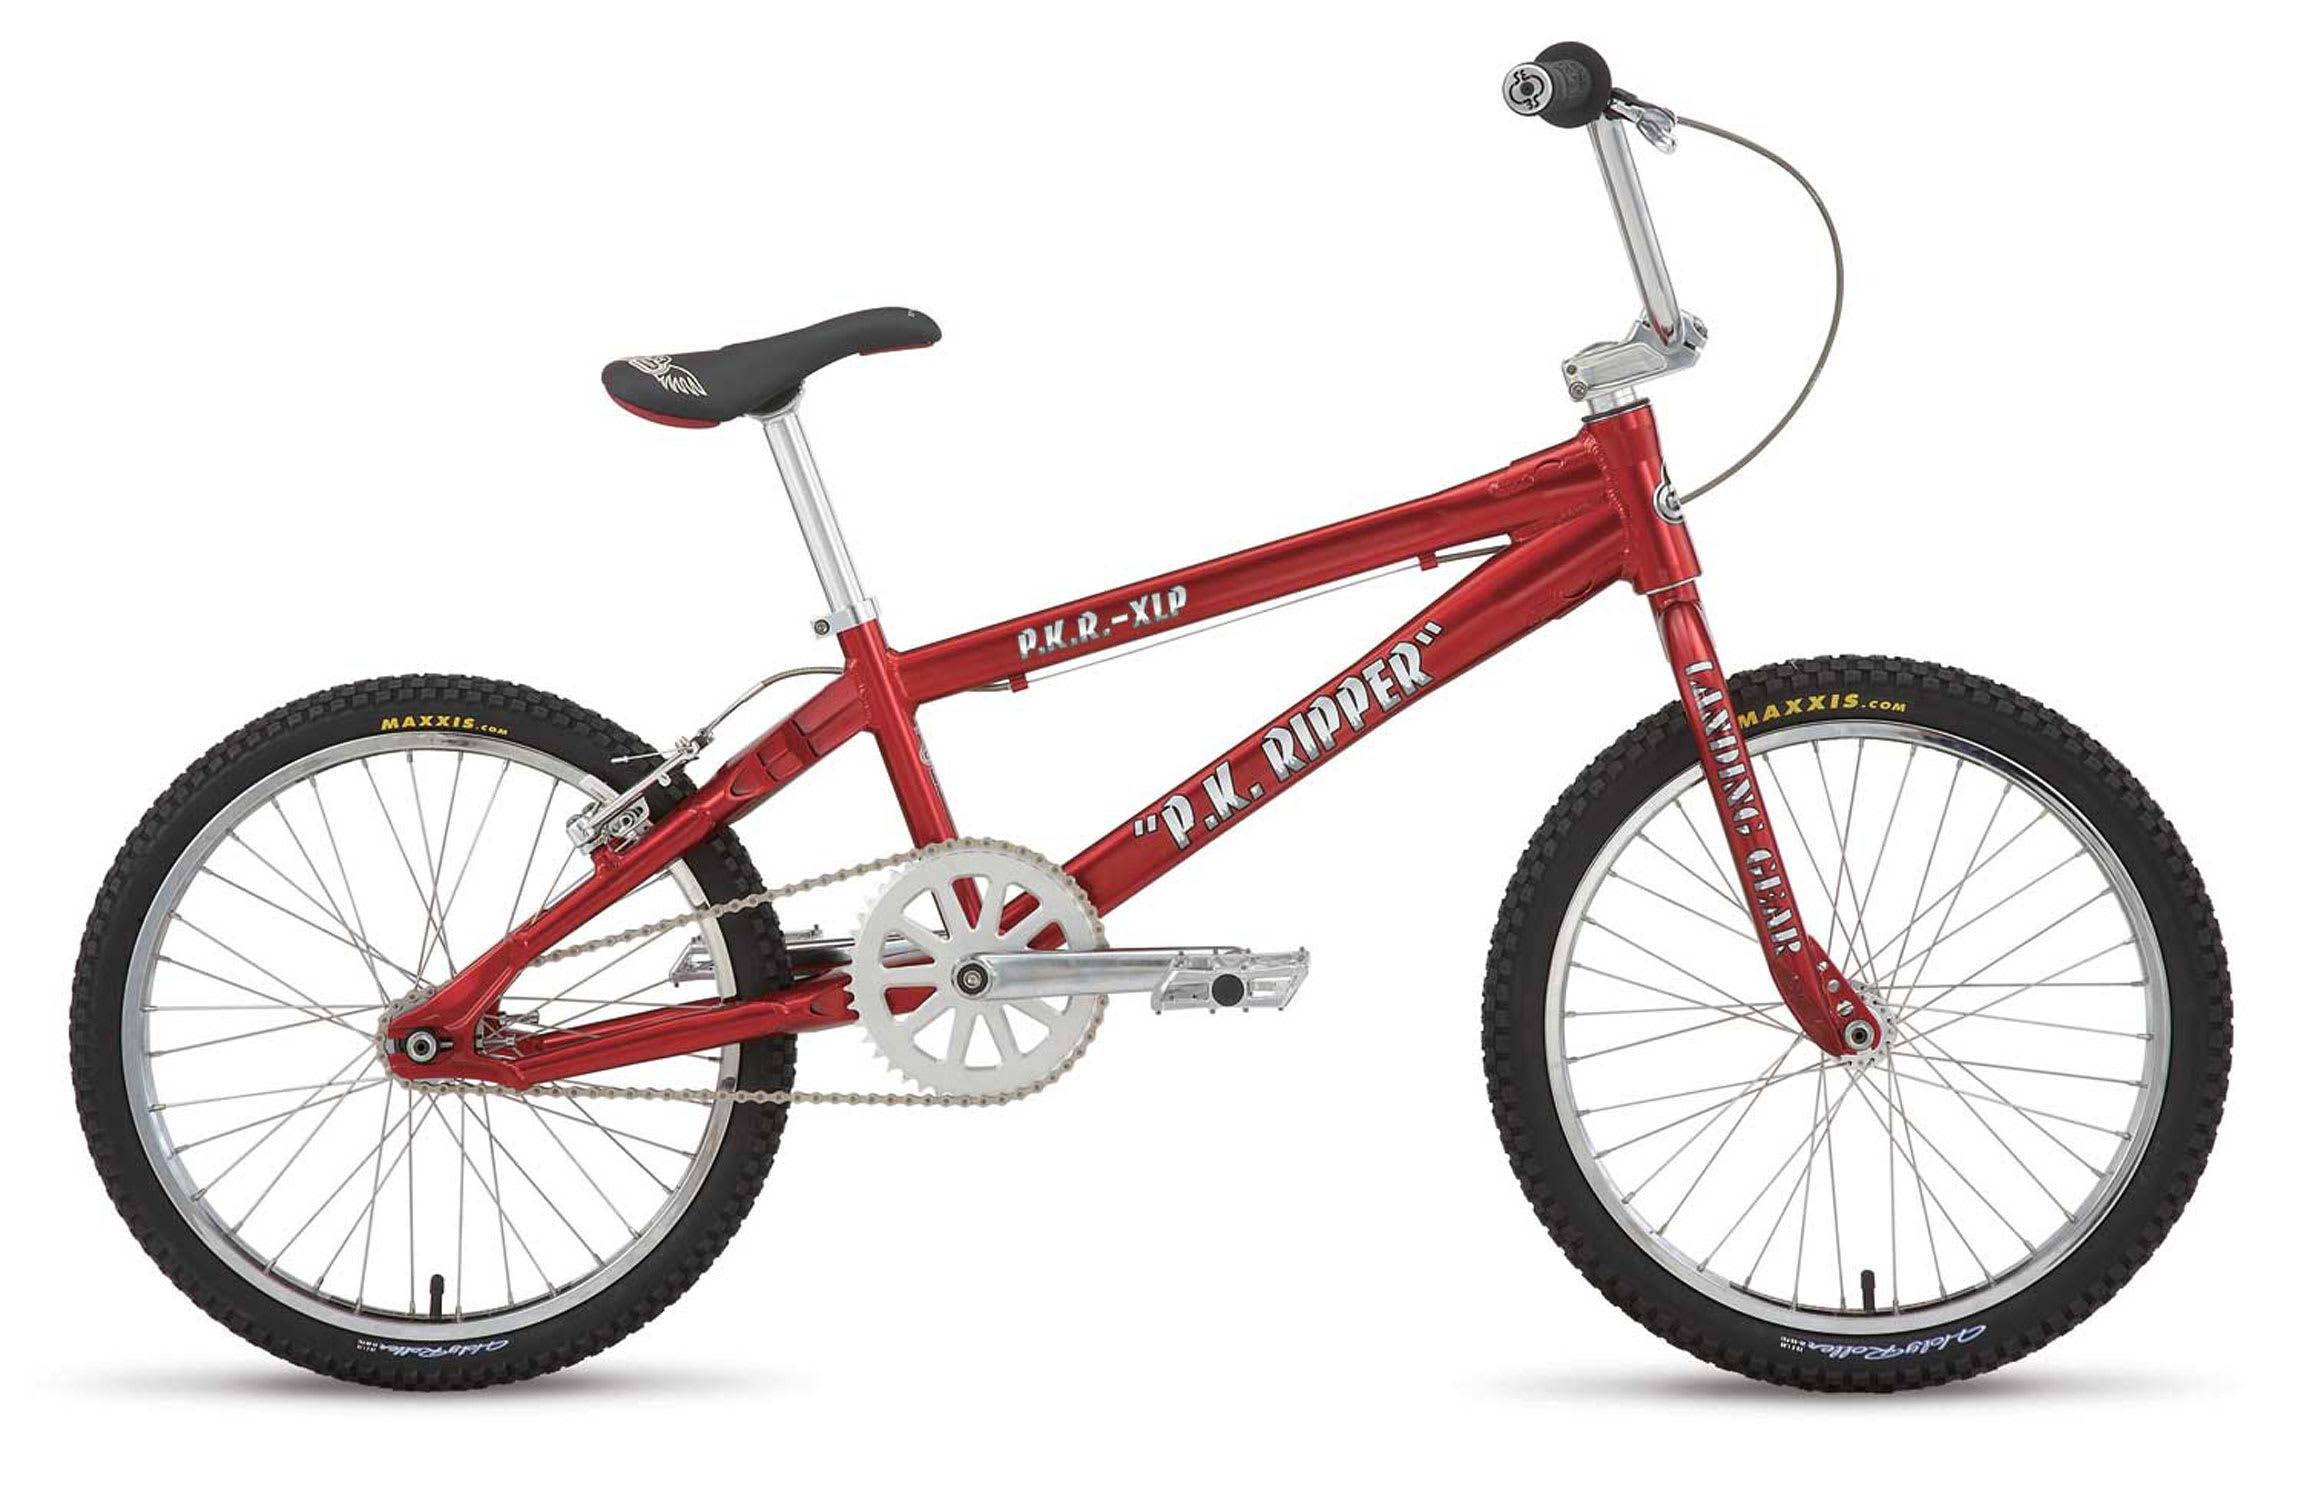 Dirt Bike Ramp >> SE PK Ripper Team XLP BMX Race Bike